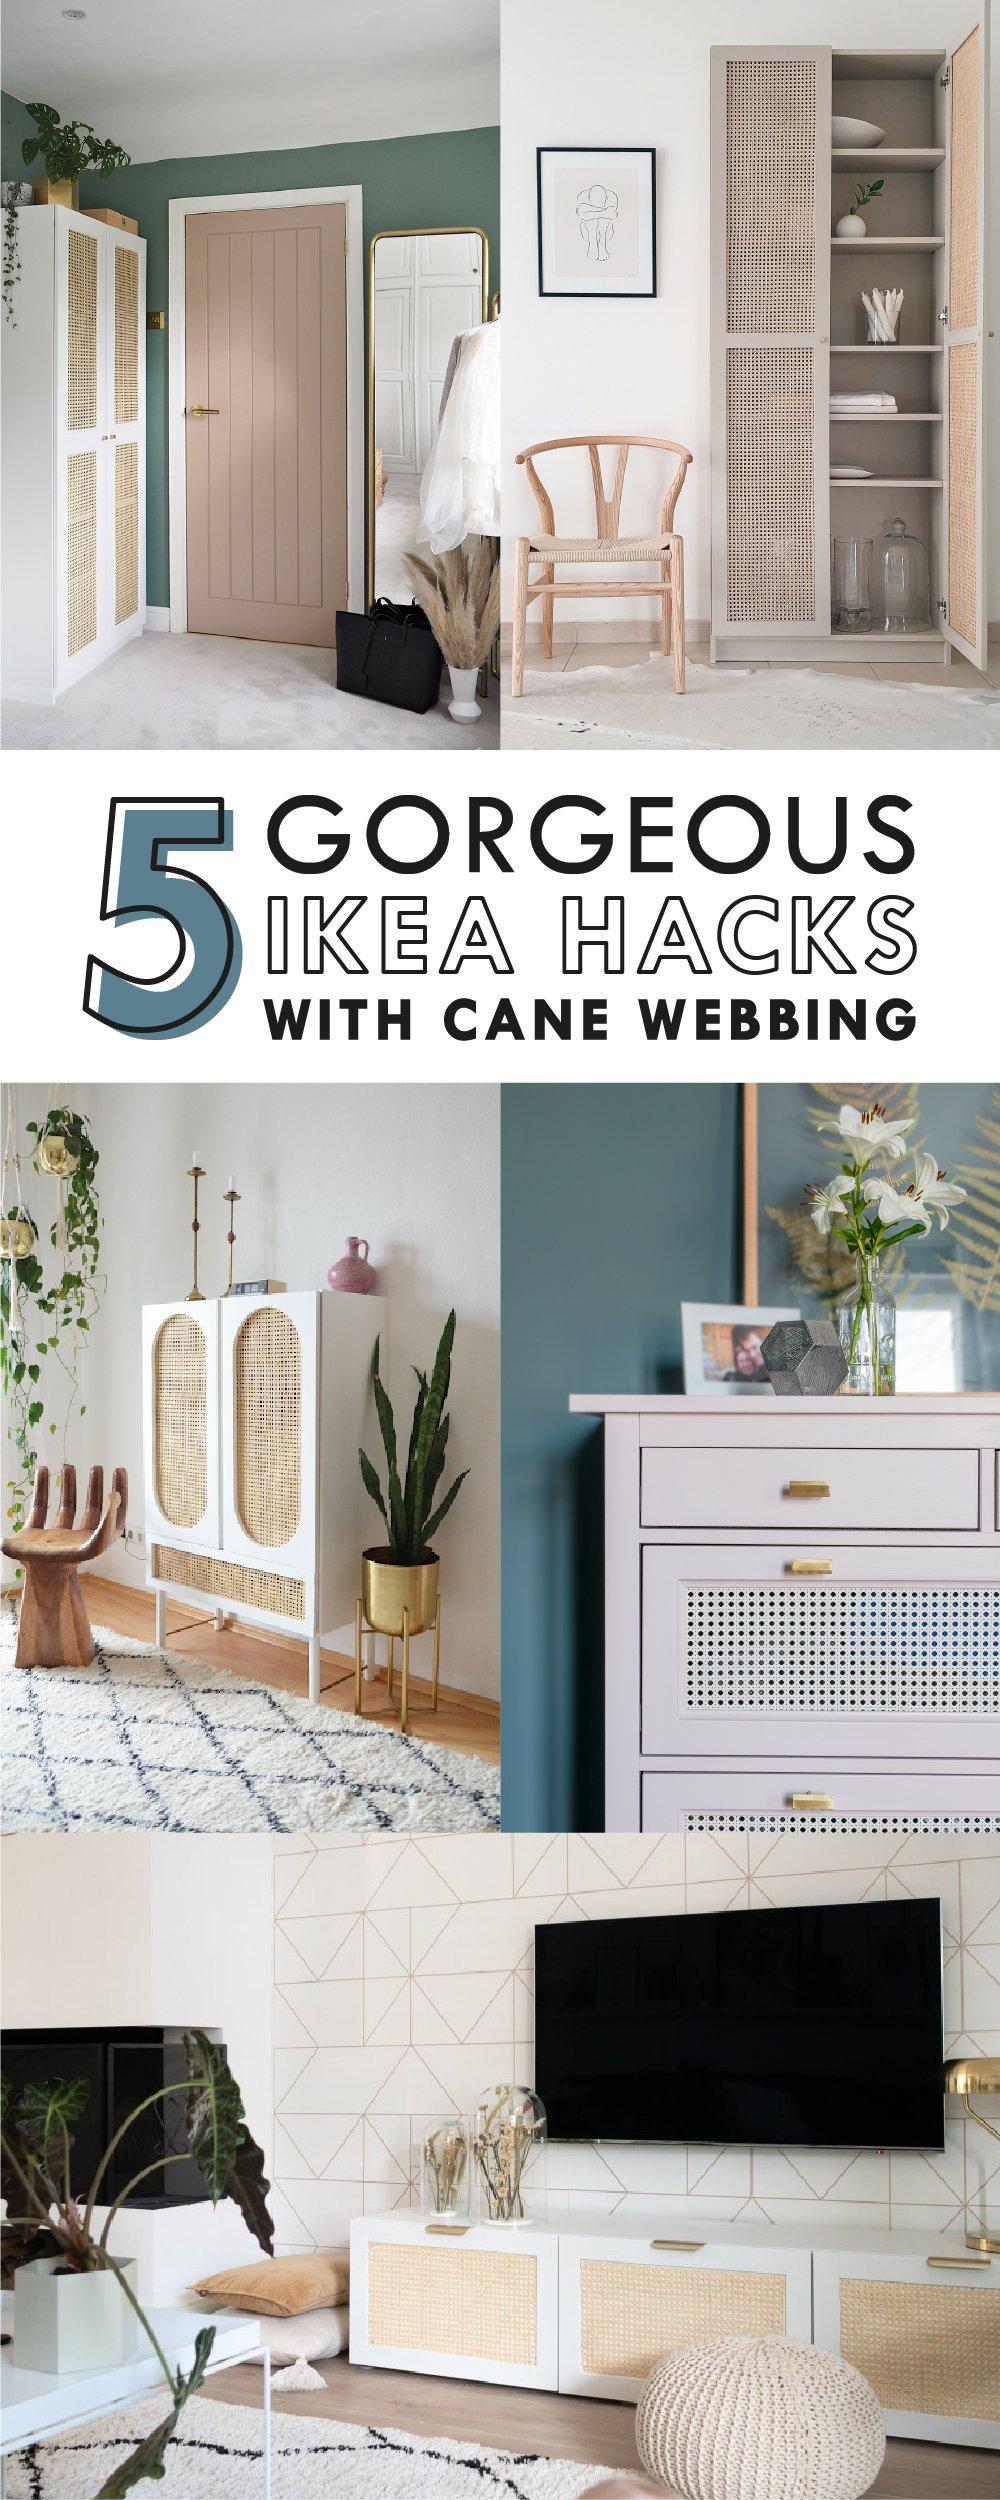 5 Amazing Ikea Hacks With Cane Webbing